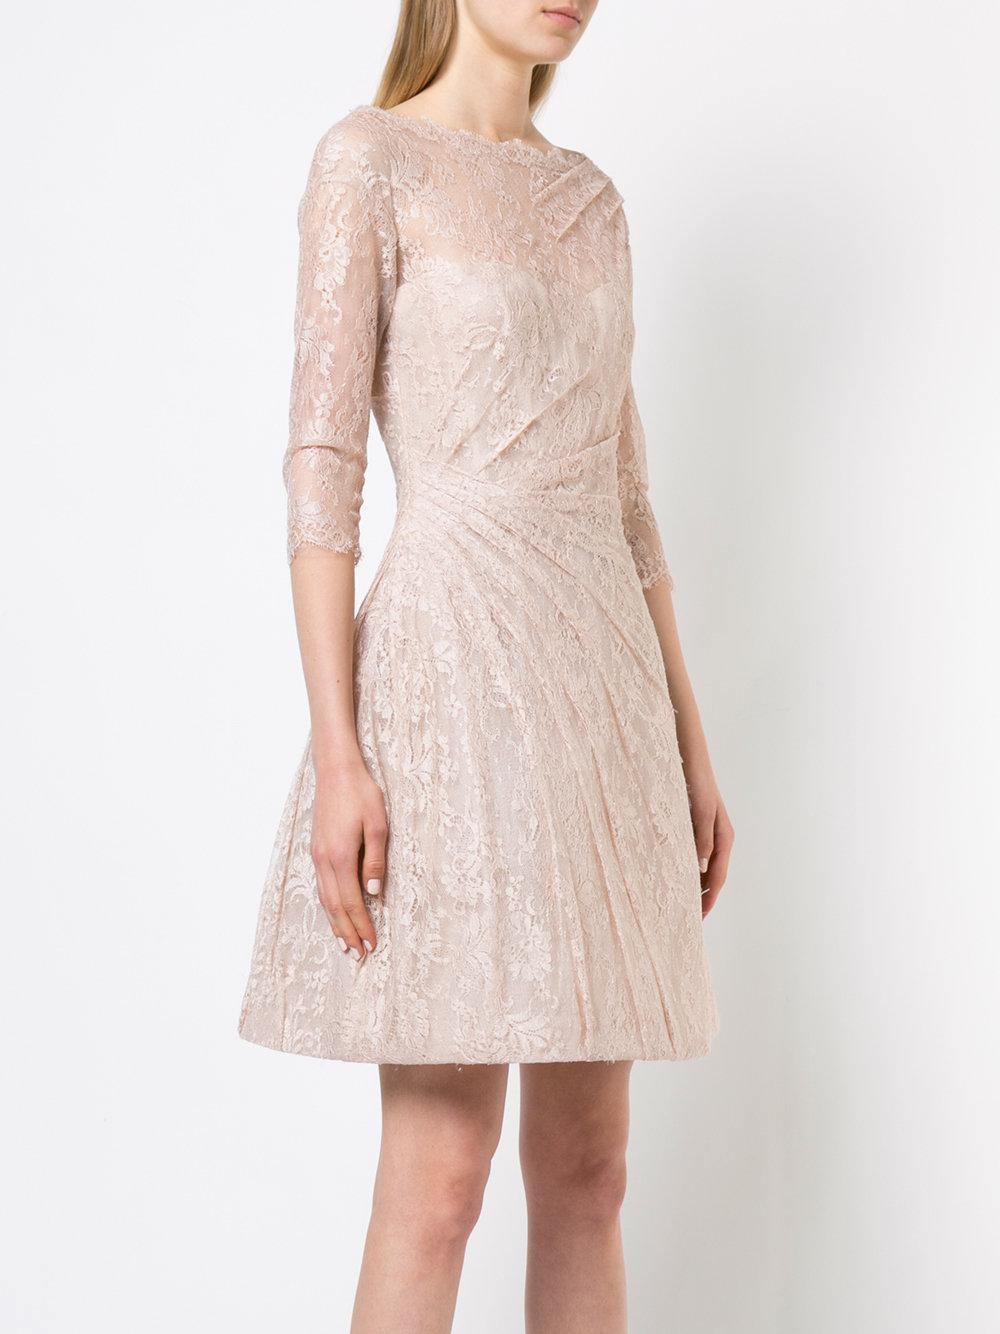 lace detail flared dress - Nude & Neutrals Monique Lhuillier iuqJ9ReUMu